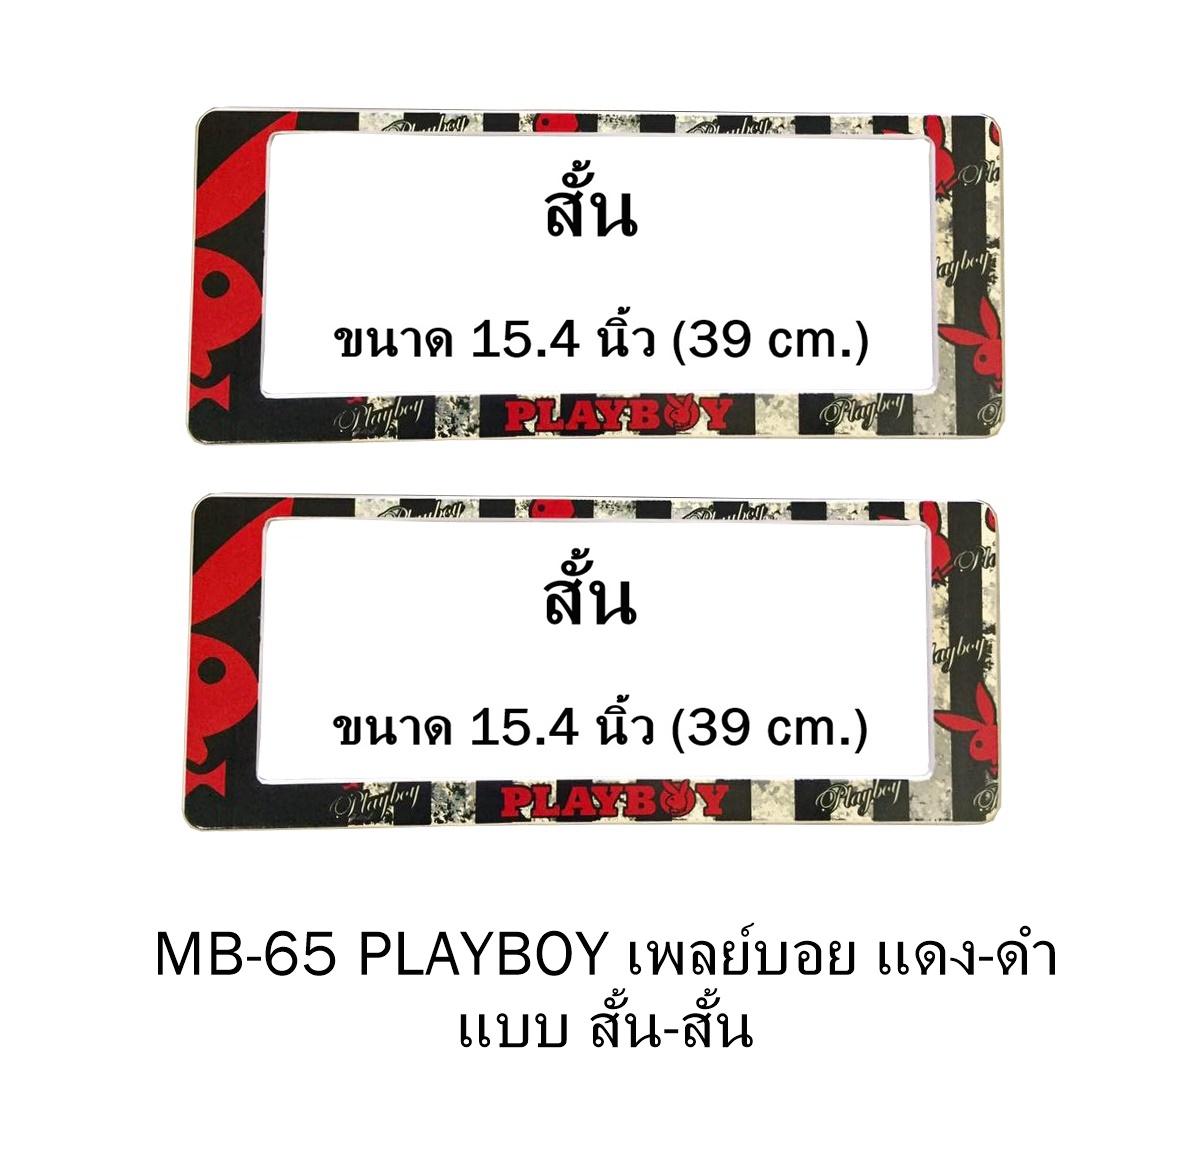 กรอบป้ายทะเบียน กันน้ำ MB-65 PLAYBOY RED สีแดงดำ สั้นสั้น รุ่น SP7 ระบบล็อค8จุด อะไหล่ครบ